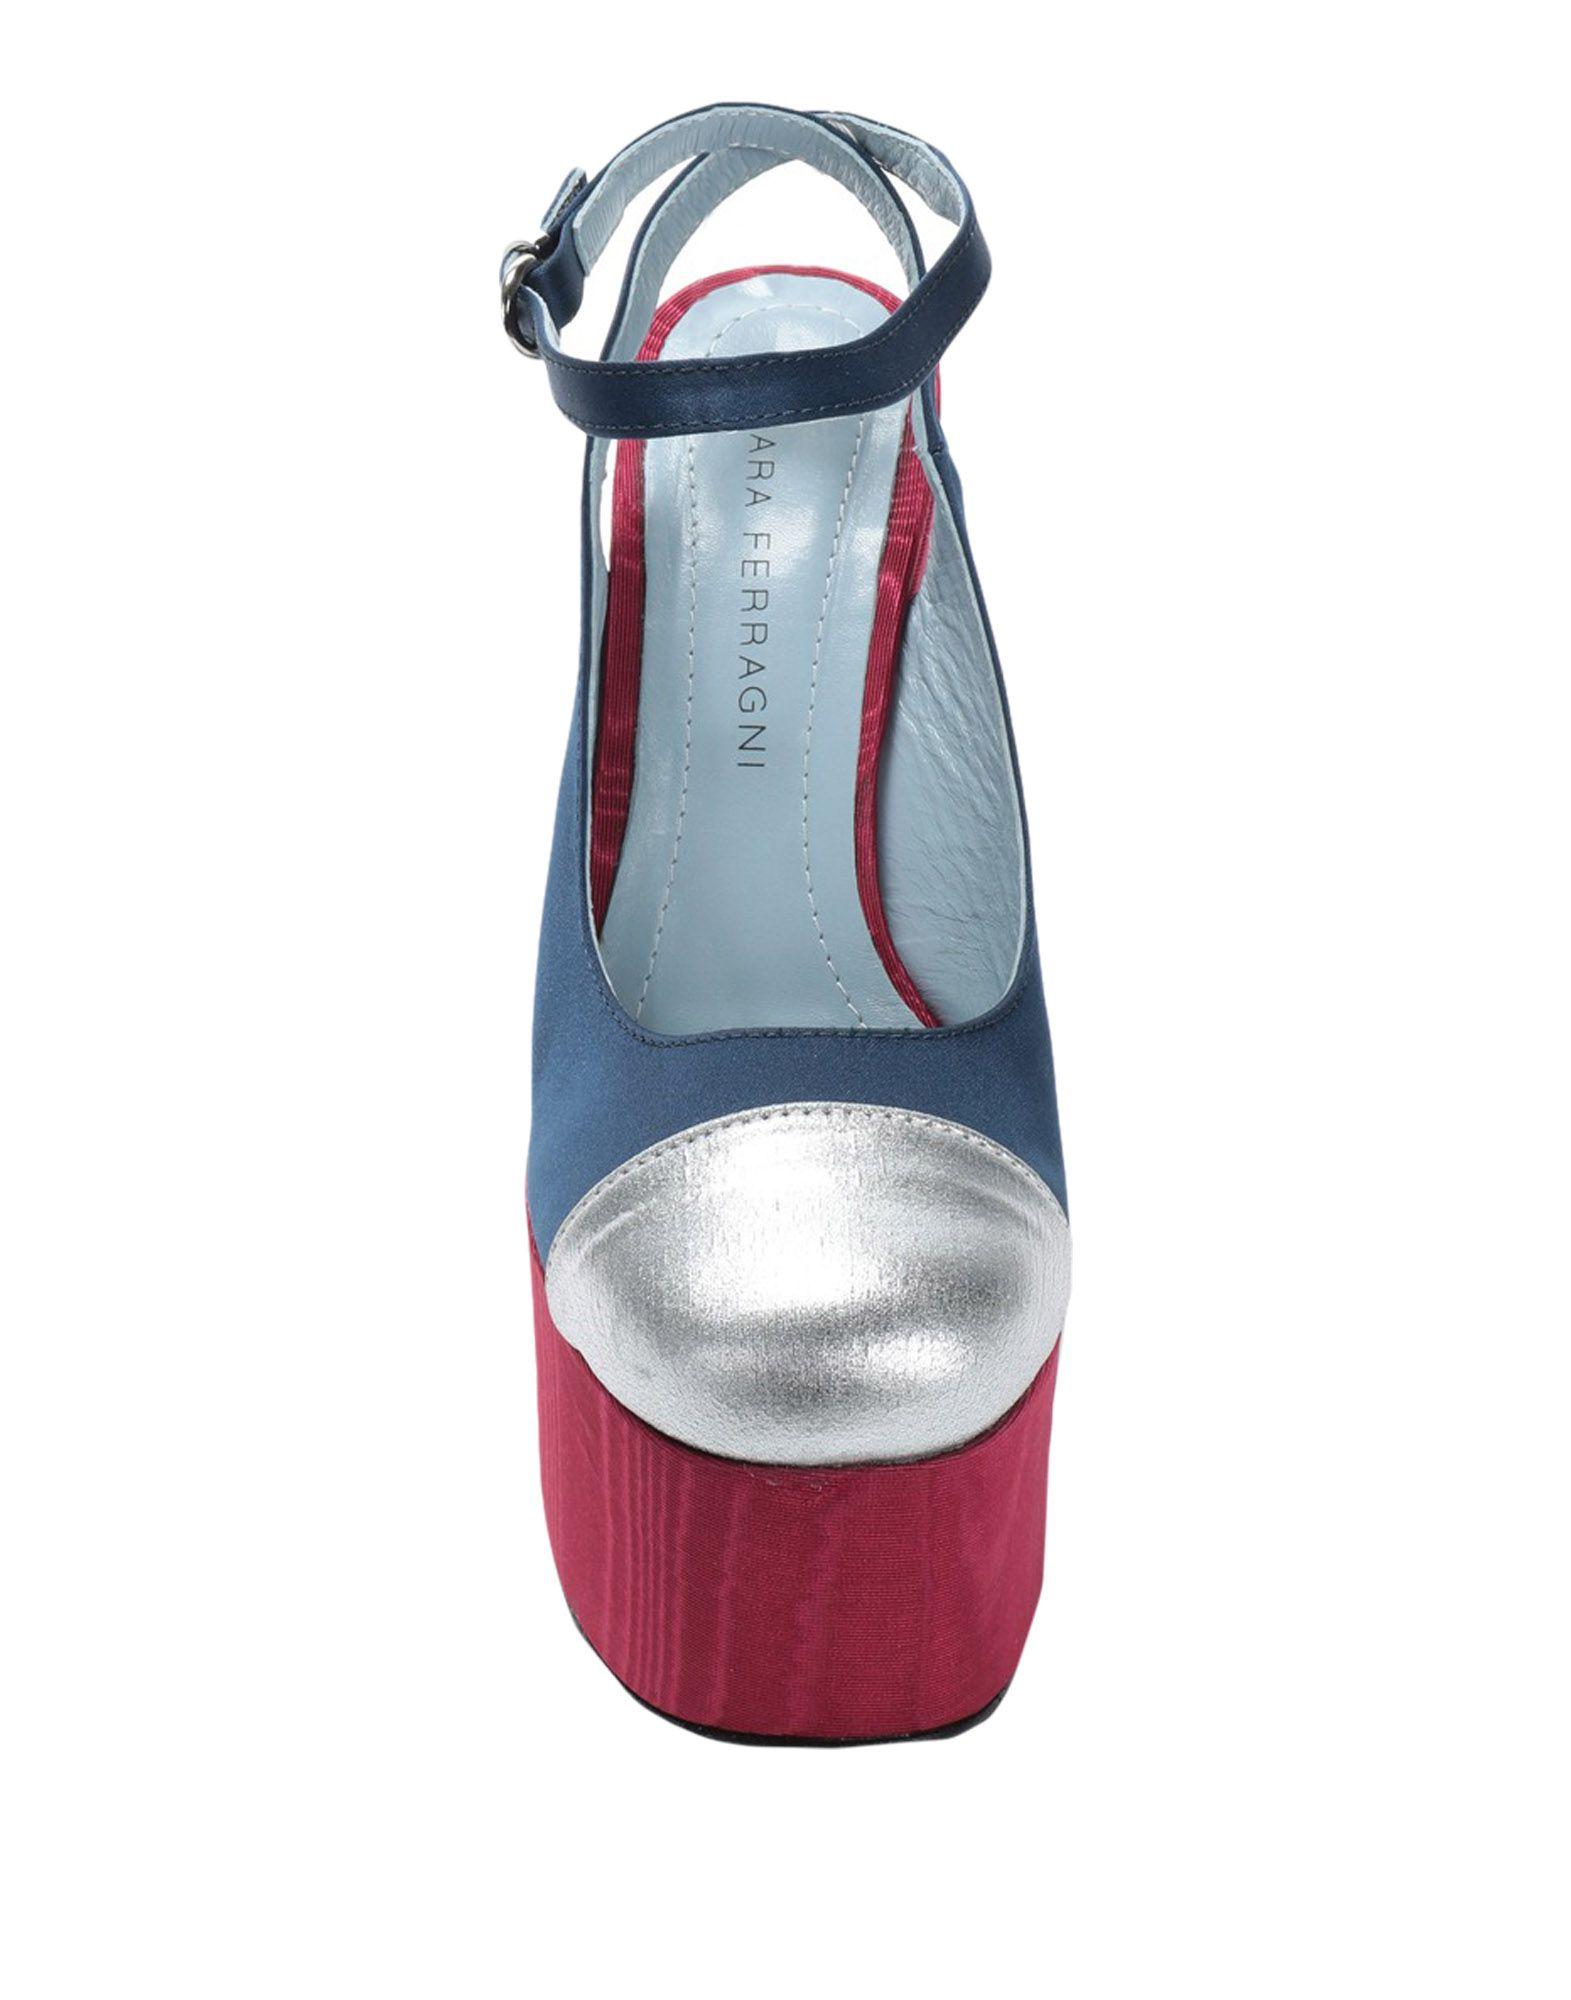 Rabatt Damen Schuhe Chiara Ferragni Pumps Damen Rabatt  11554902XG 8631d7